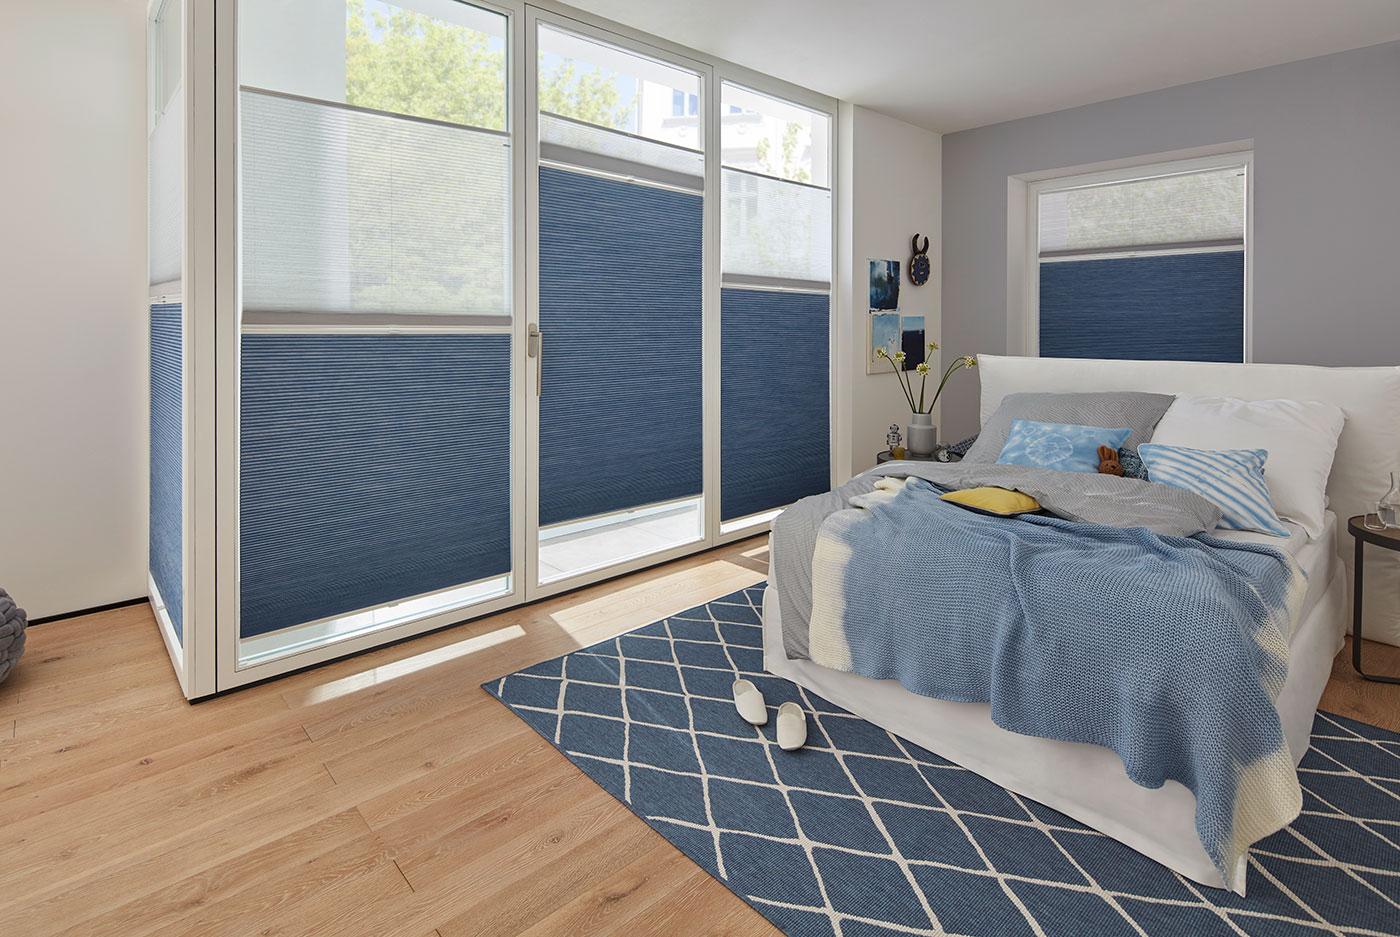 Full Size of Plissee Kinderzimmer Abdunklung Von Schlaf Und Duette Wabenplissee Fenster Regal Weiß Regale Sofa Kinderzimmer Plissee Kinderzimmer